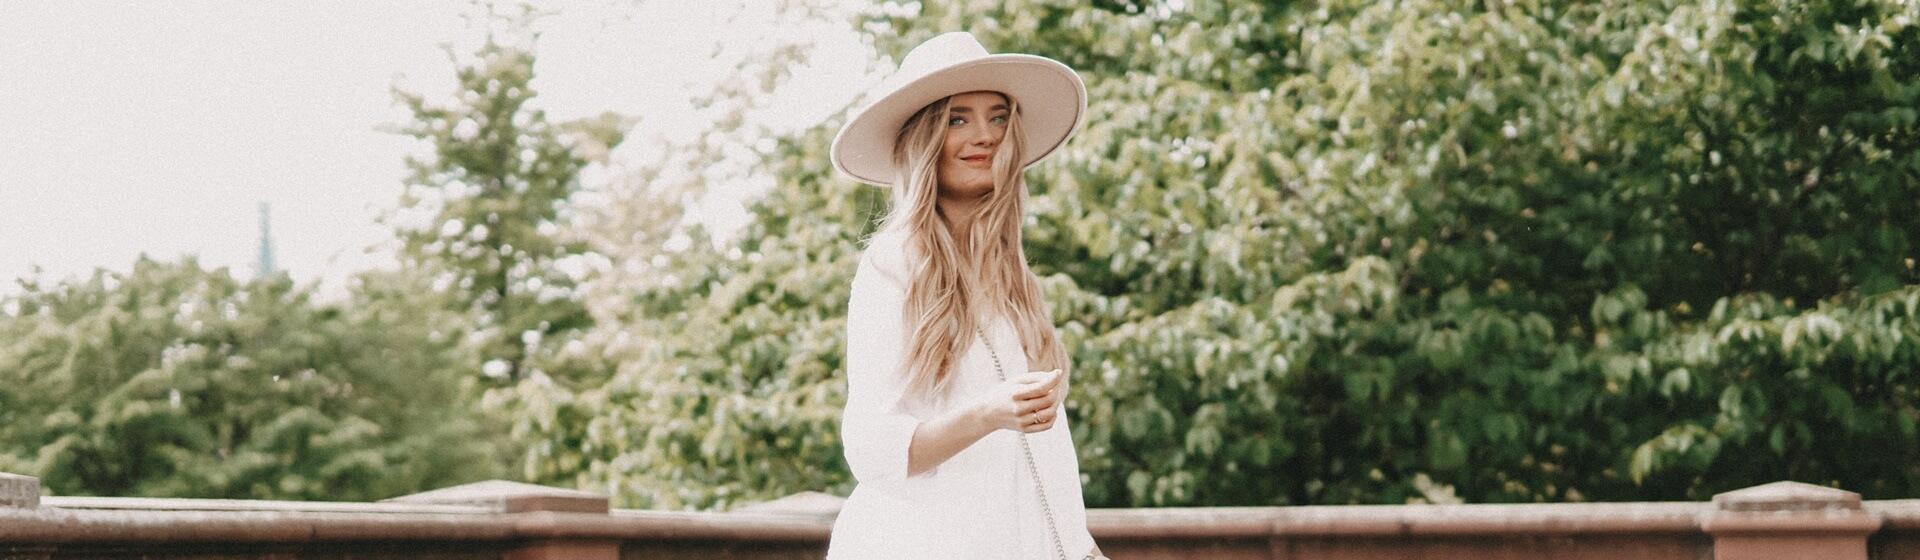 weiße Sommerkleider kombinieren